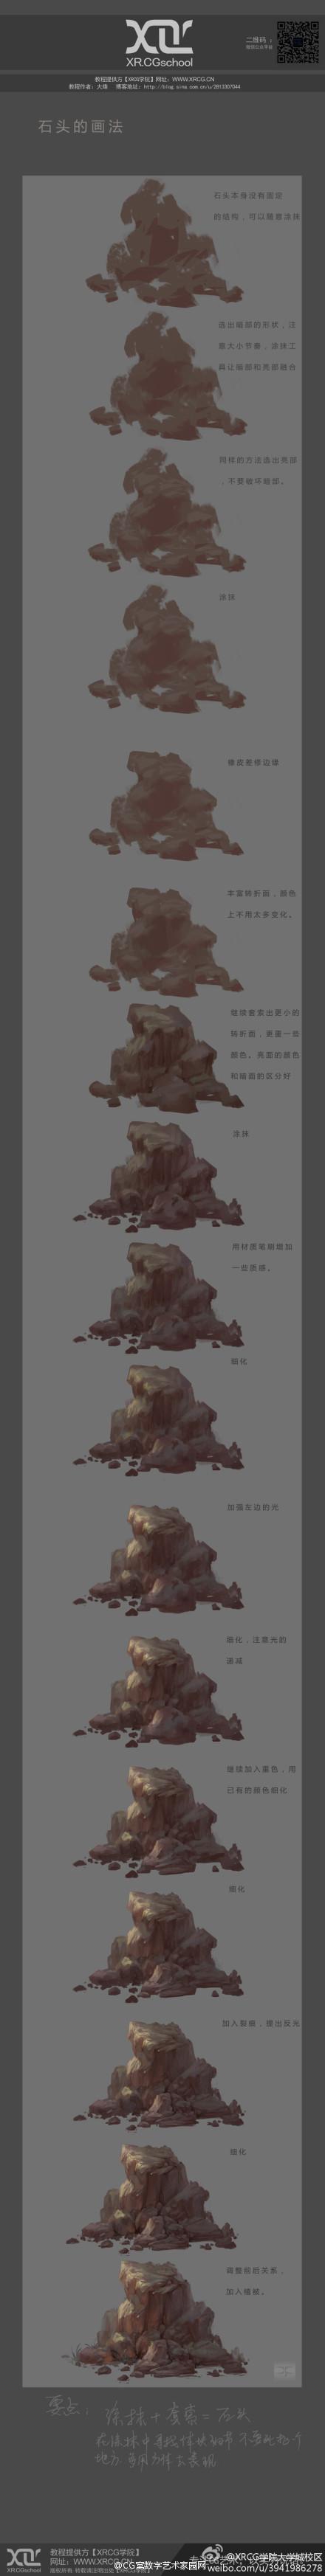 CG窝数字艺术家园网的照片 - 微相册